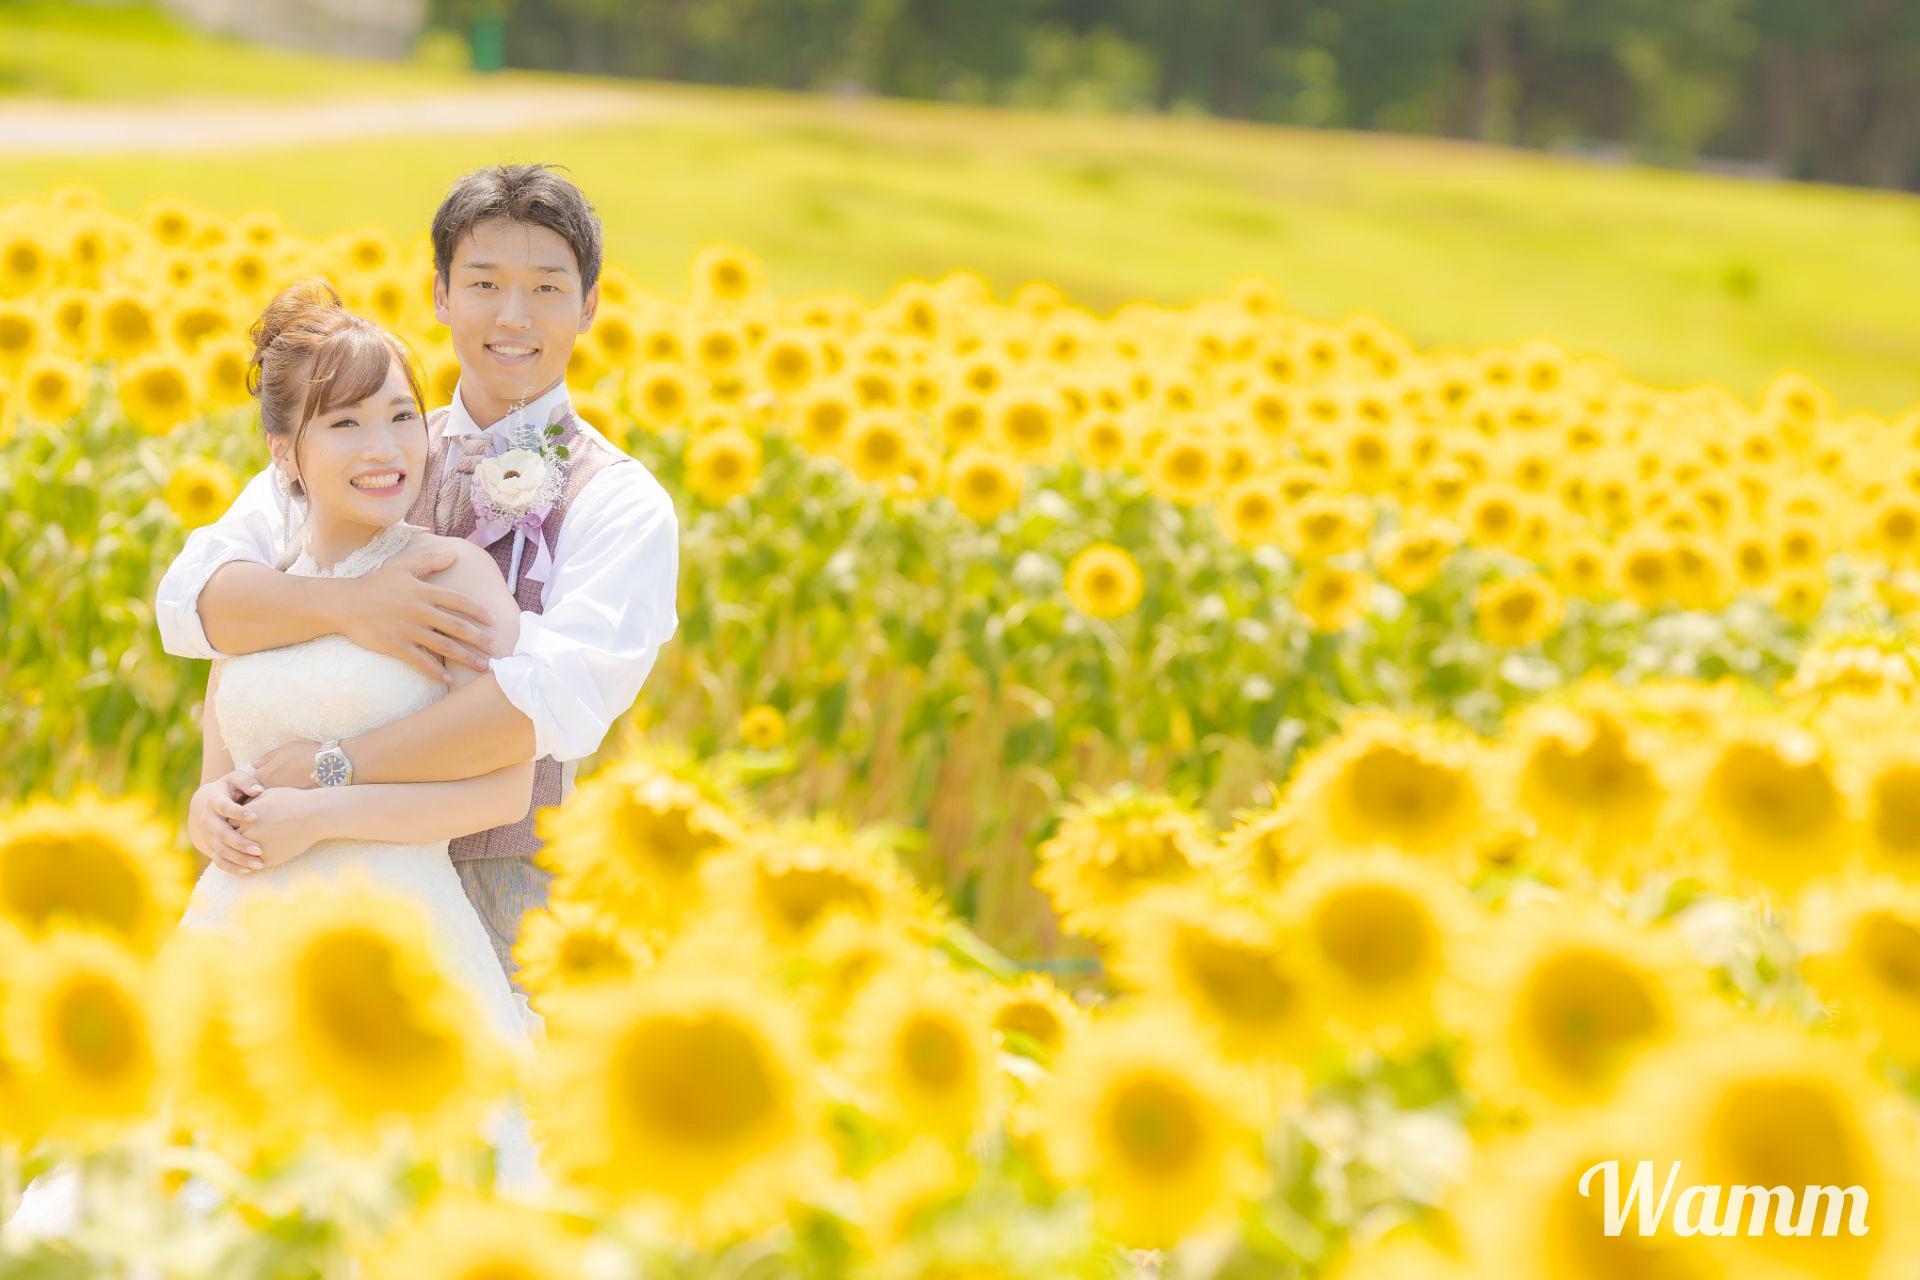 【浜松 浜名湖ガーデンパーク】春はネモフィラ 夏はひまわり 秋はコスモス